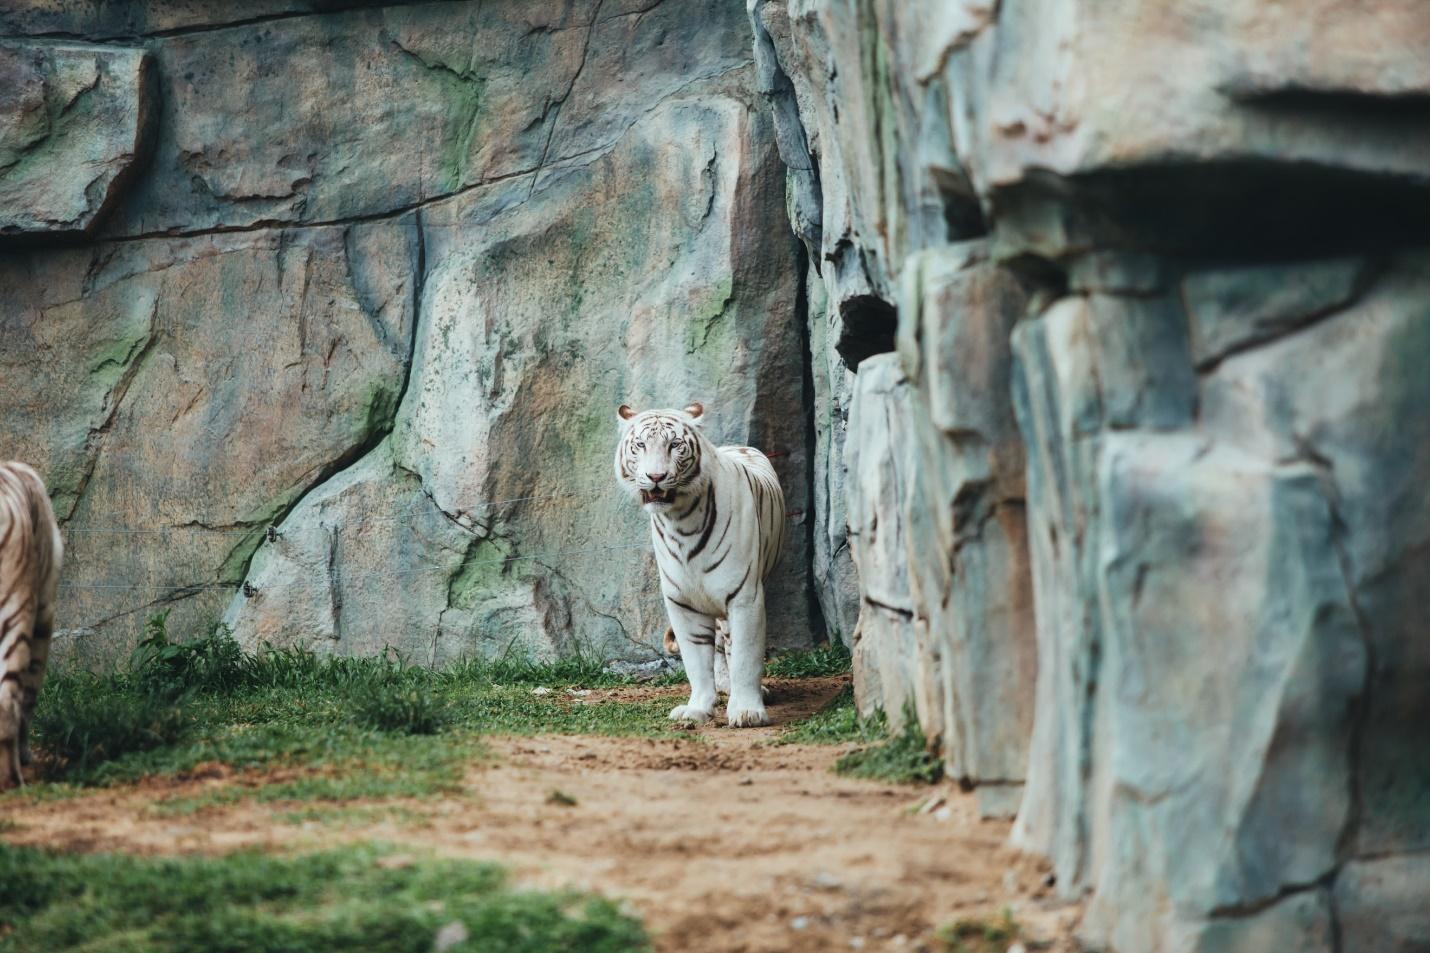 Một vòng khám phá River Safari - Công viên bảo tồn động vật hoang dã trên sông tại Hội An - Ảnh 12.